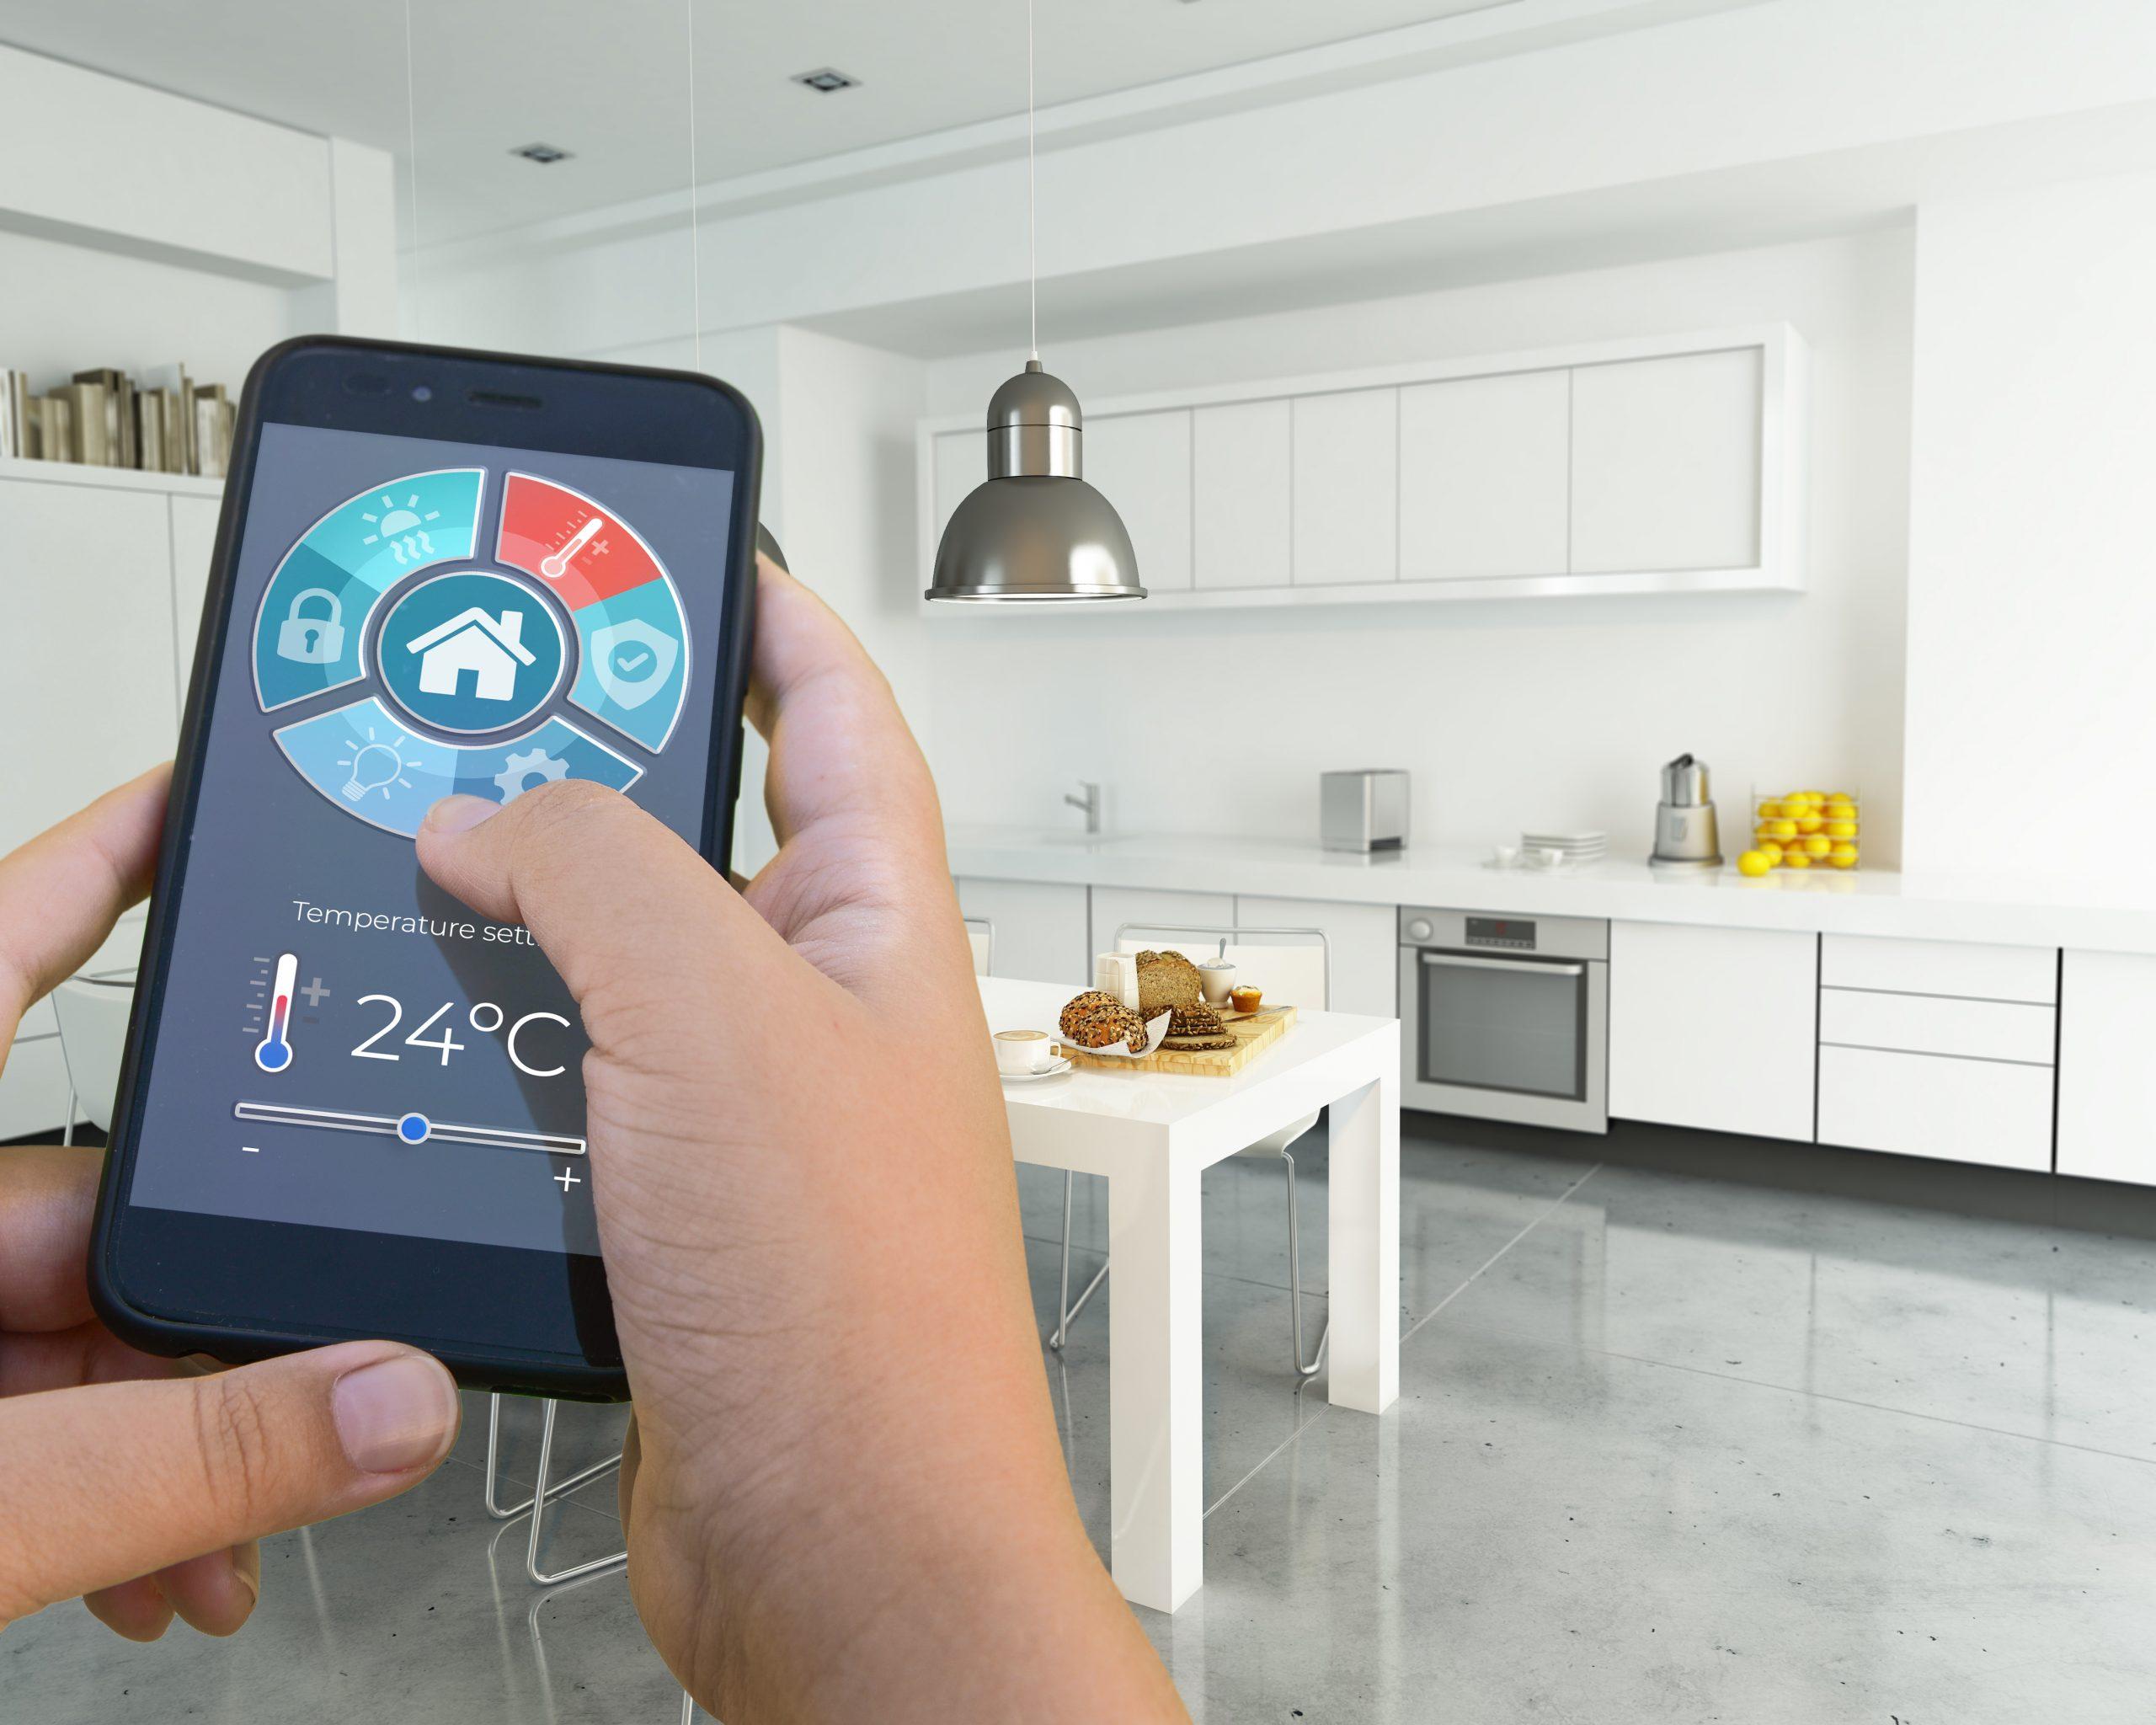 Home automation modern interior kitchen